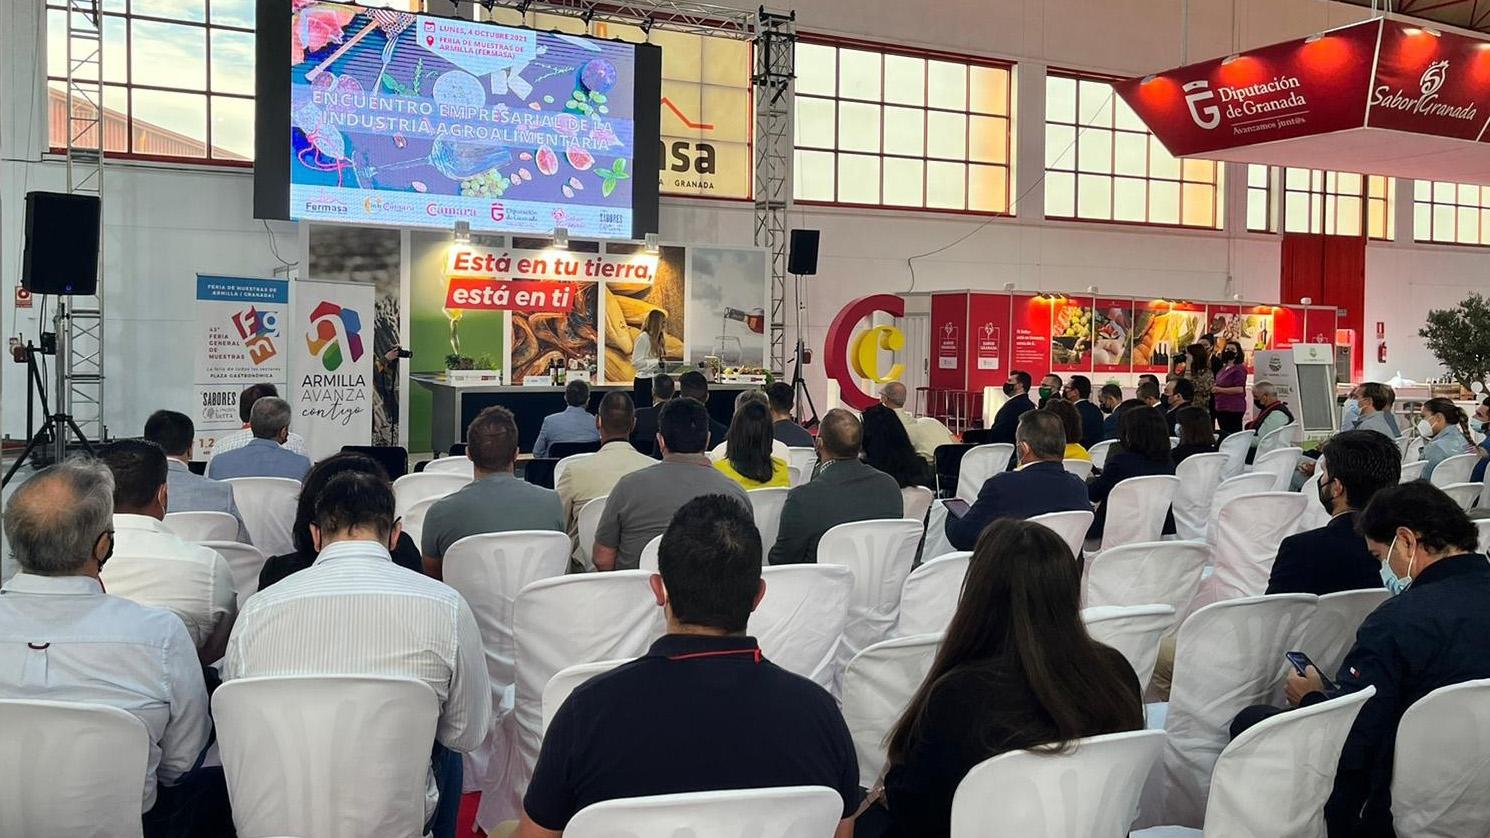 Cámara Granada y Sabor Granada celebran un encuentro empresarial en la Feria General de Muestras